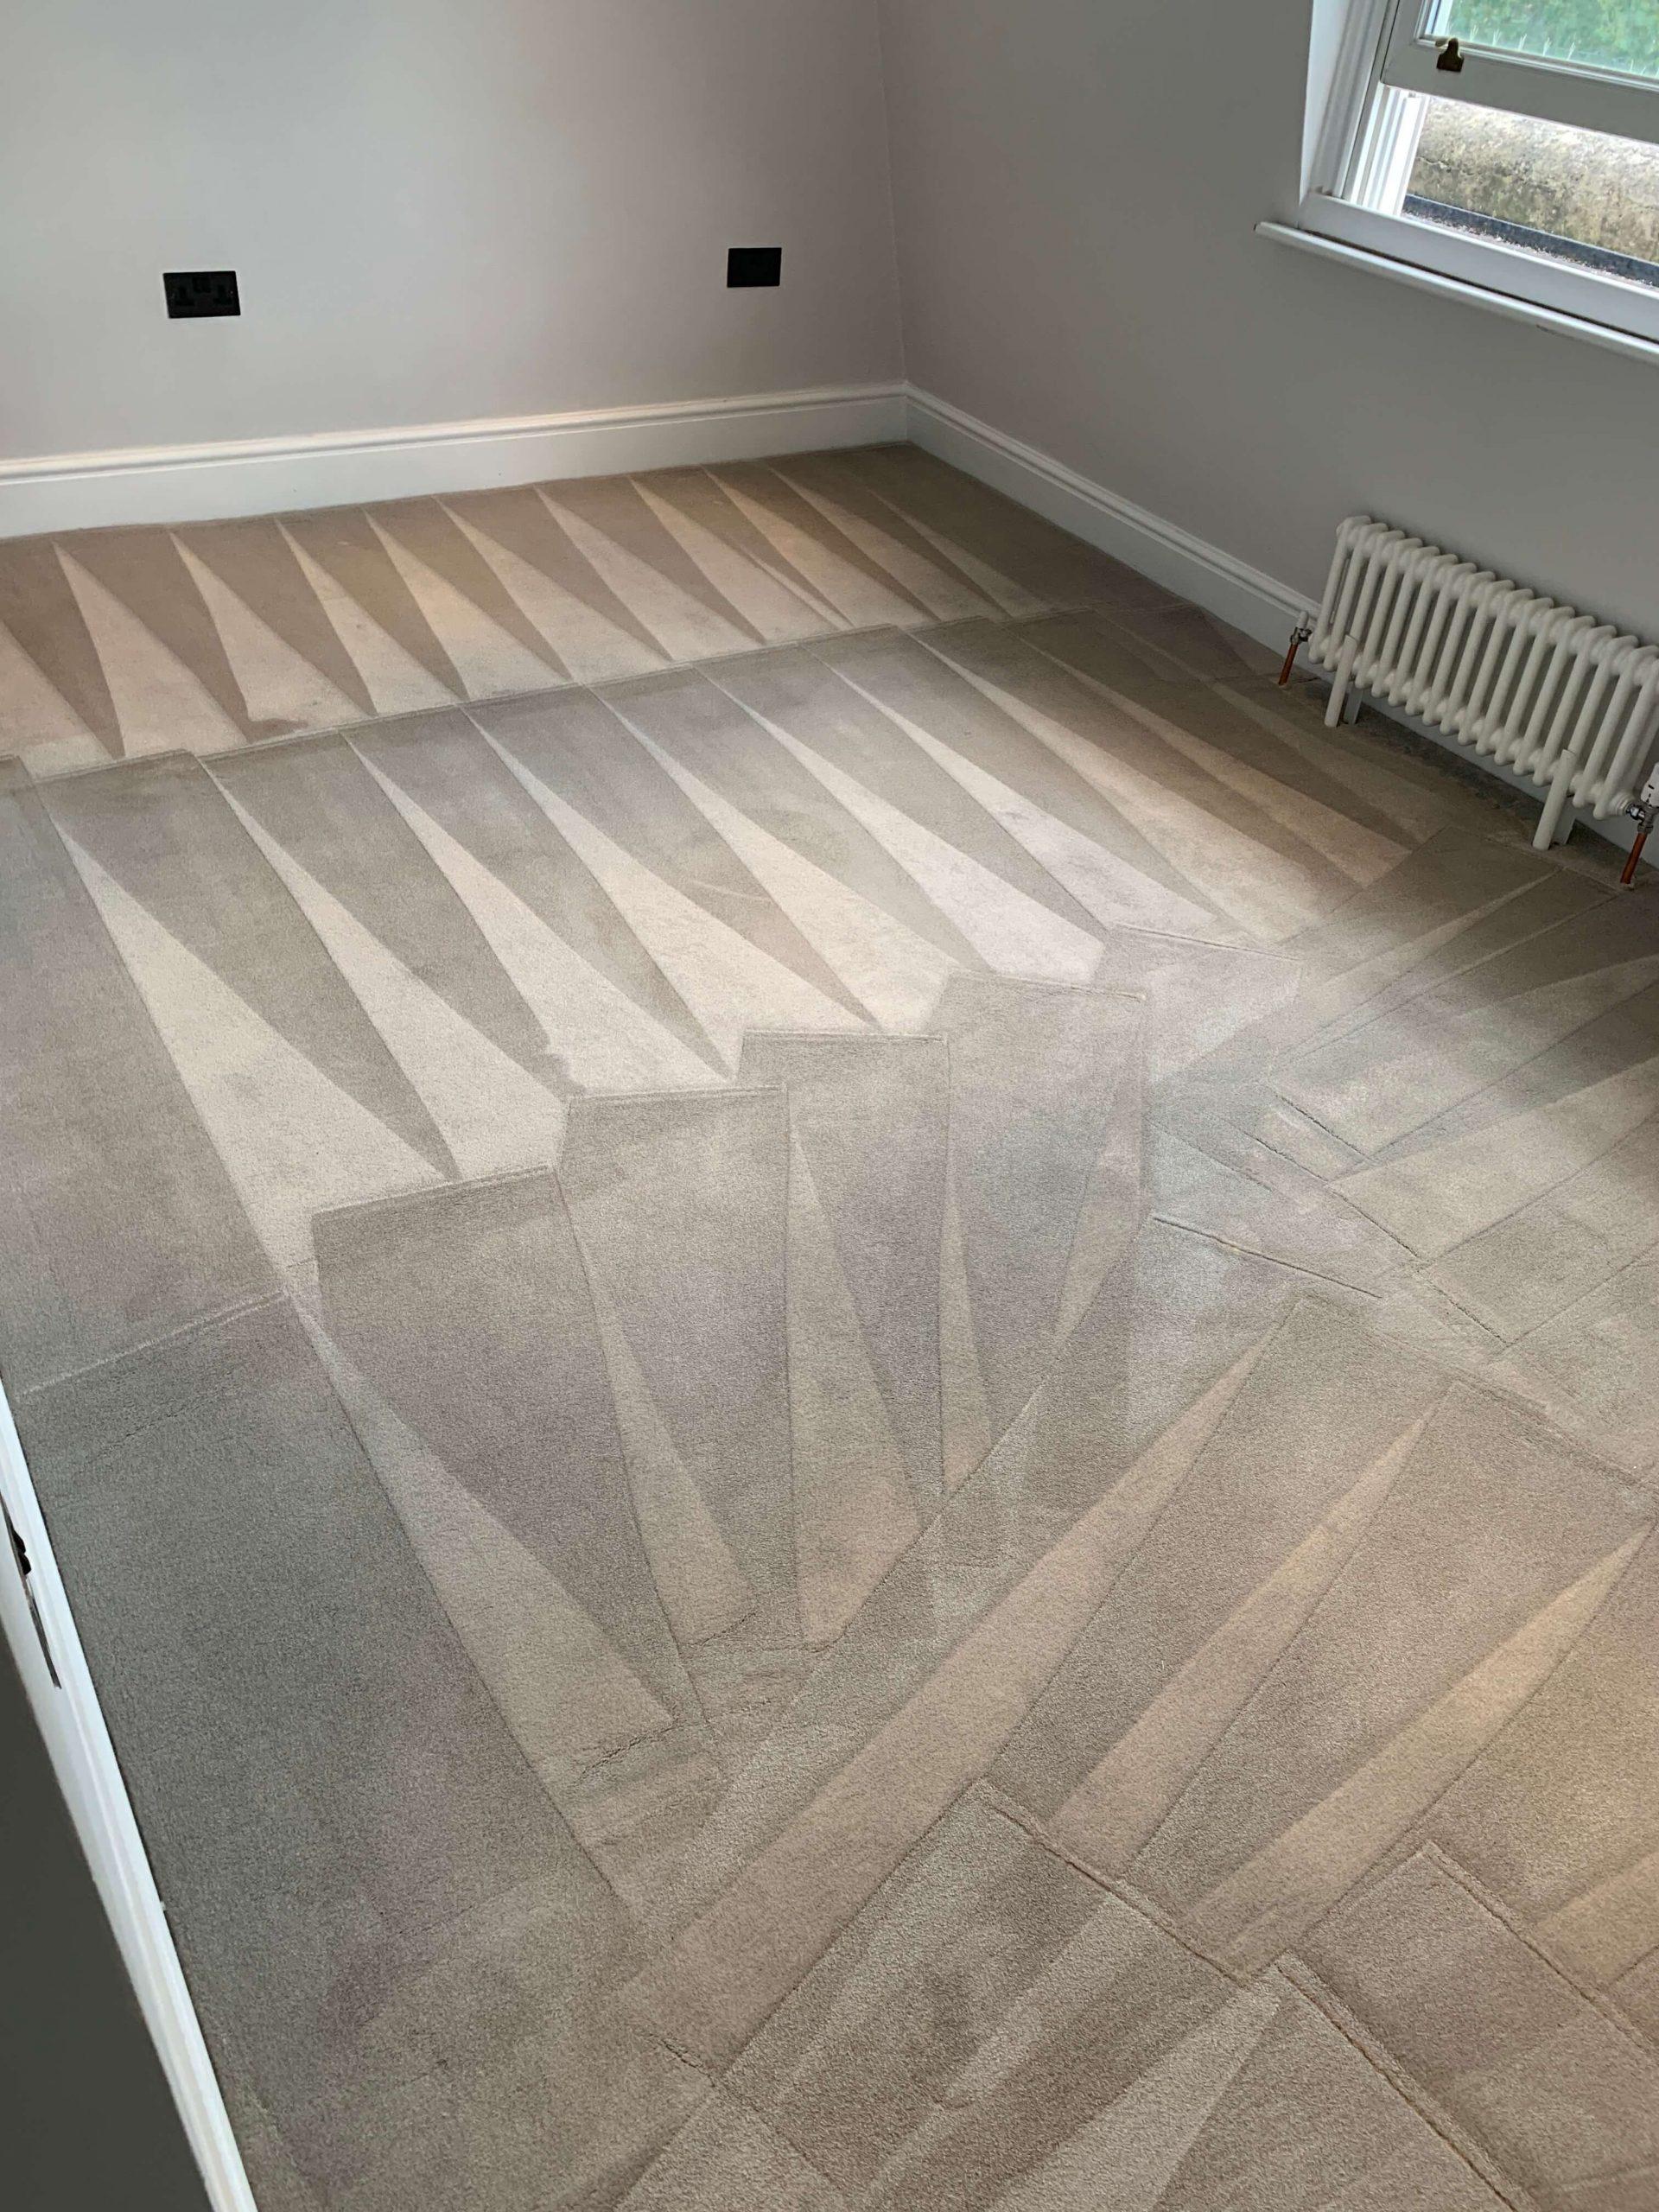 carpet cleaning Bayswater - Supreme Furnishings